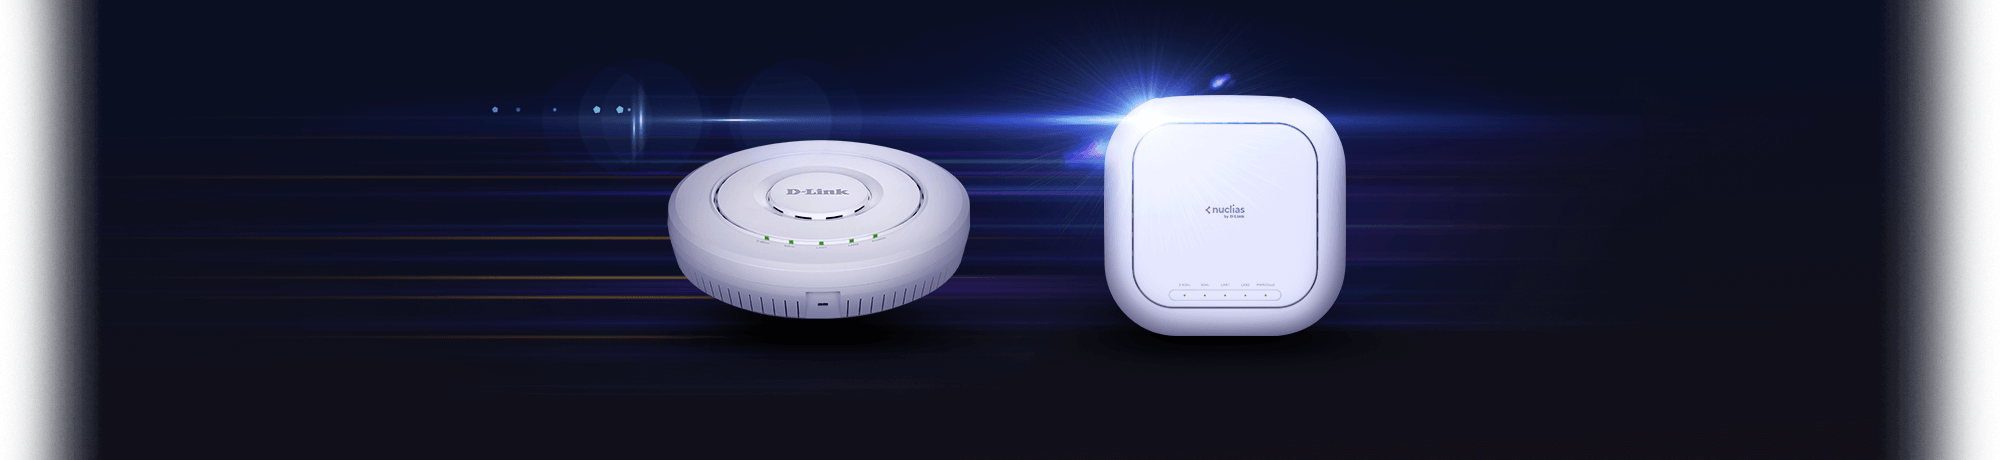 Wi-Fi 6 para entornos de alta densidad de usuarios con D-Link Nuclias